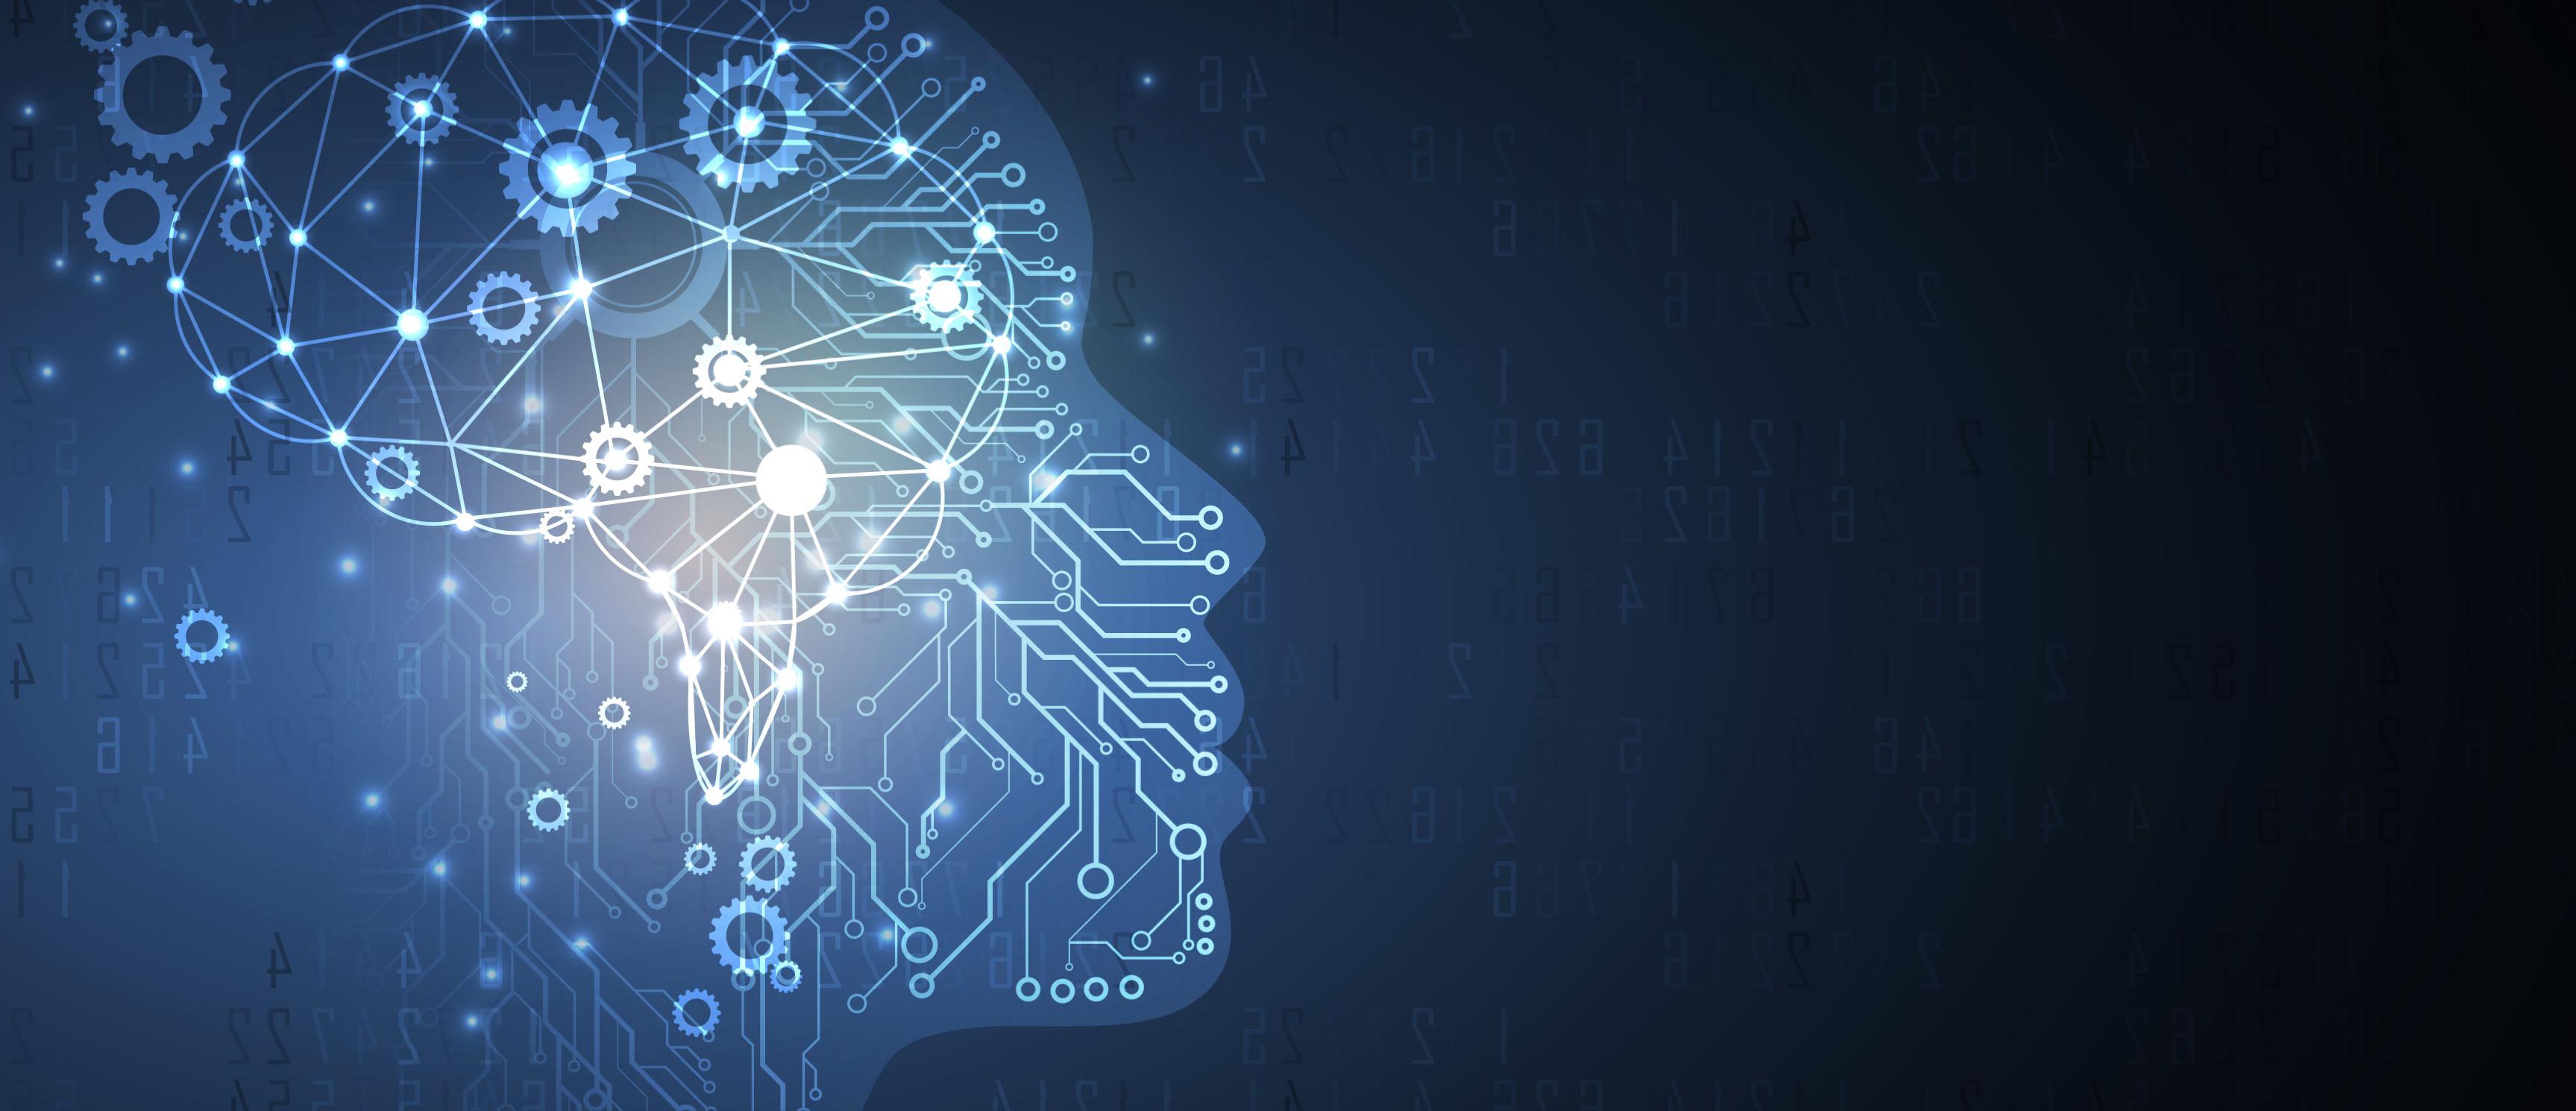 DictNow seit über 25 Jahren Erfahrungsschatz in Spracherkennungstechnologien